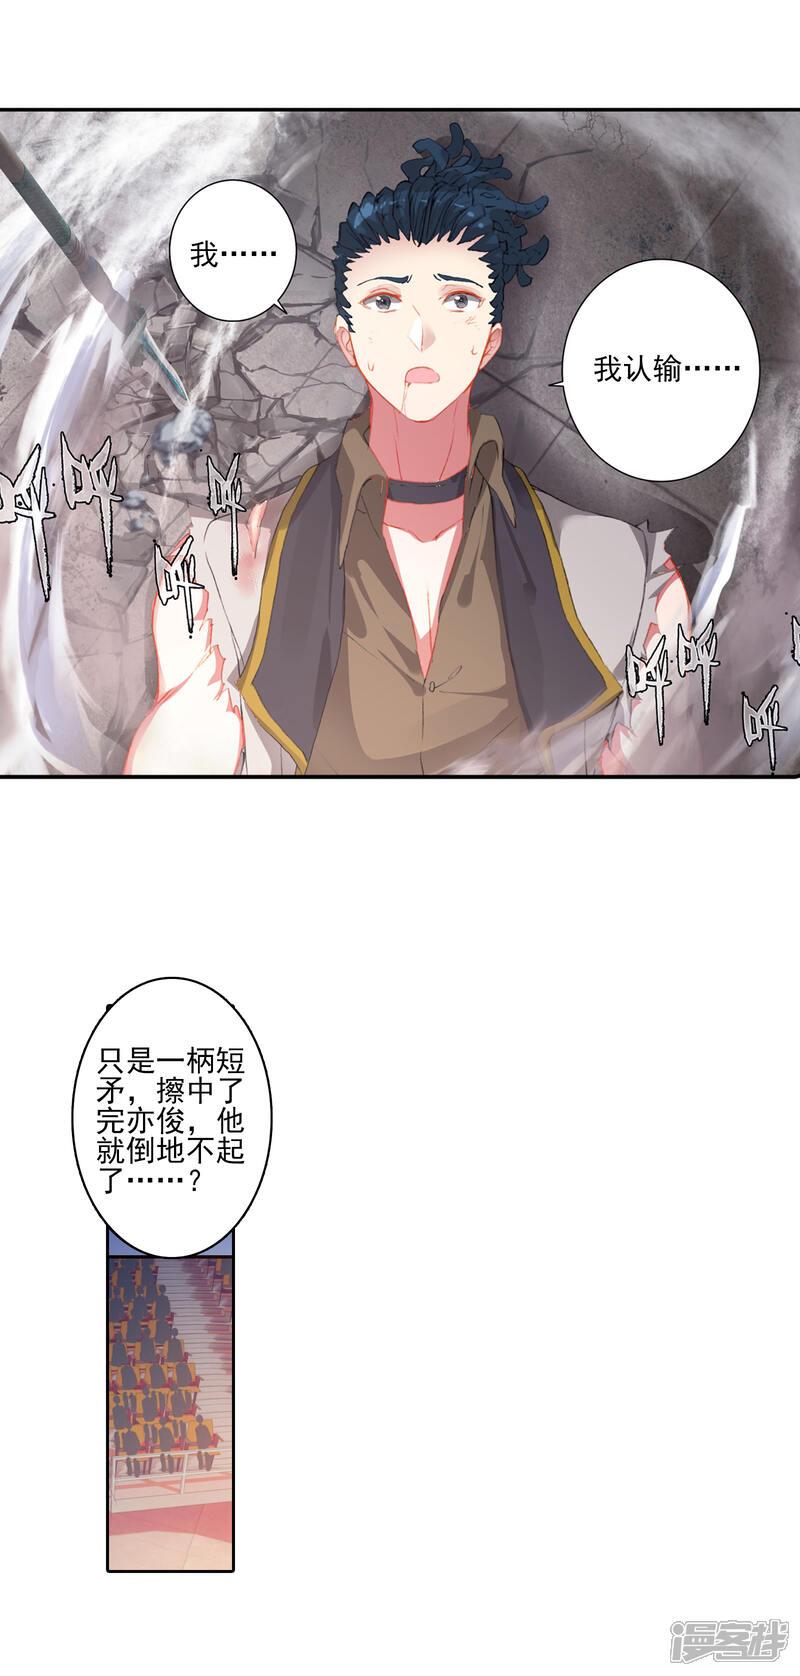 斗罗大陆漫画100话_斗罗大陆2绝世唐门漫画 第374话 娜娜2 - 漫客栈